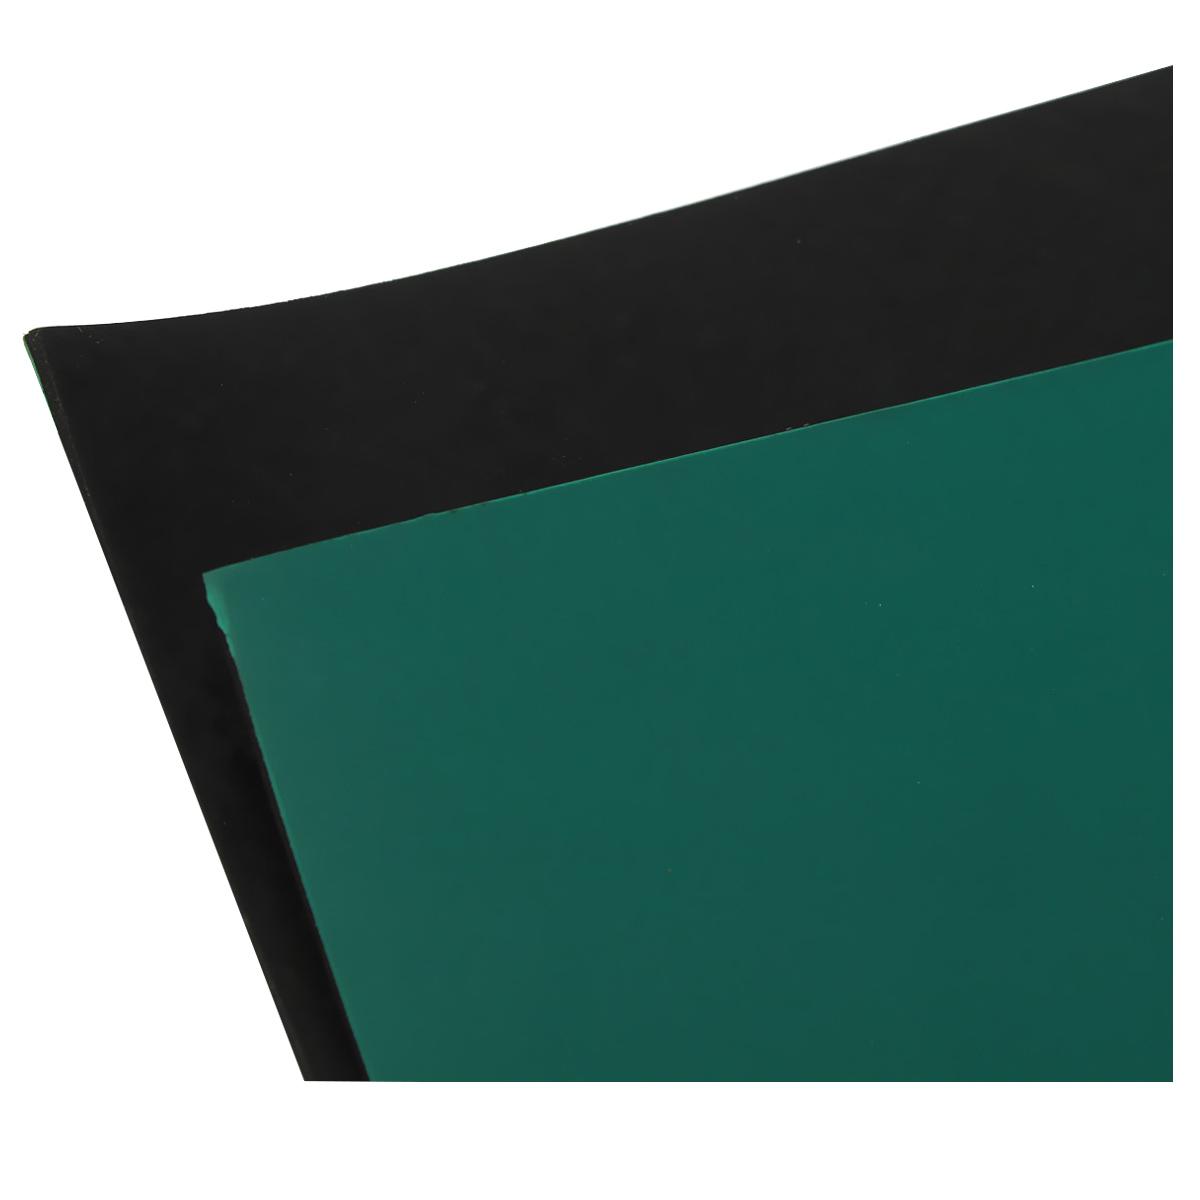 5x tapis de bureau vert anti statique esd pour reparation de telephone y3 ebay. Black Bedroom Furniture Sets. Home Design Ideas